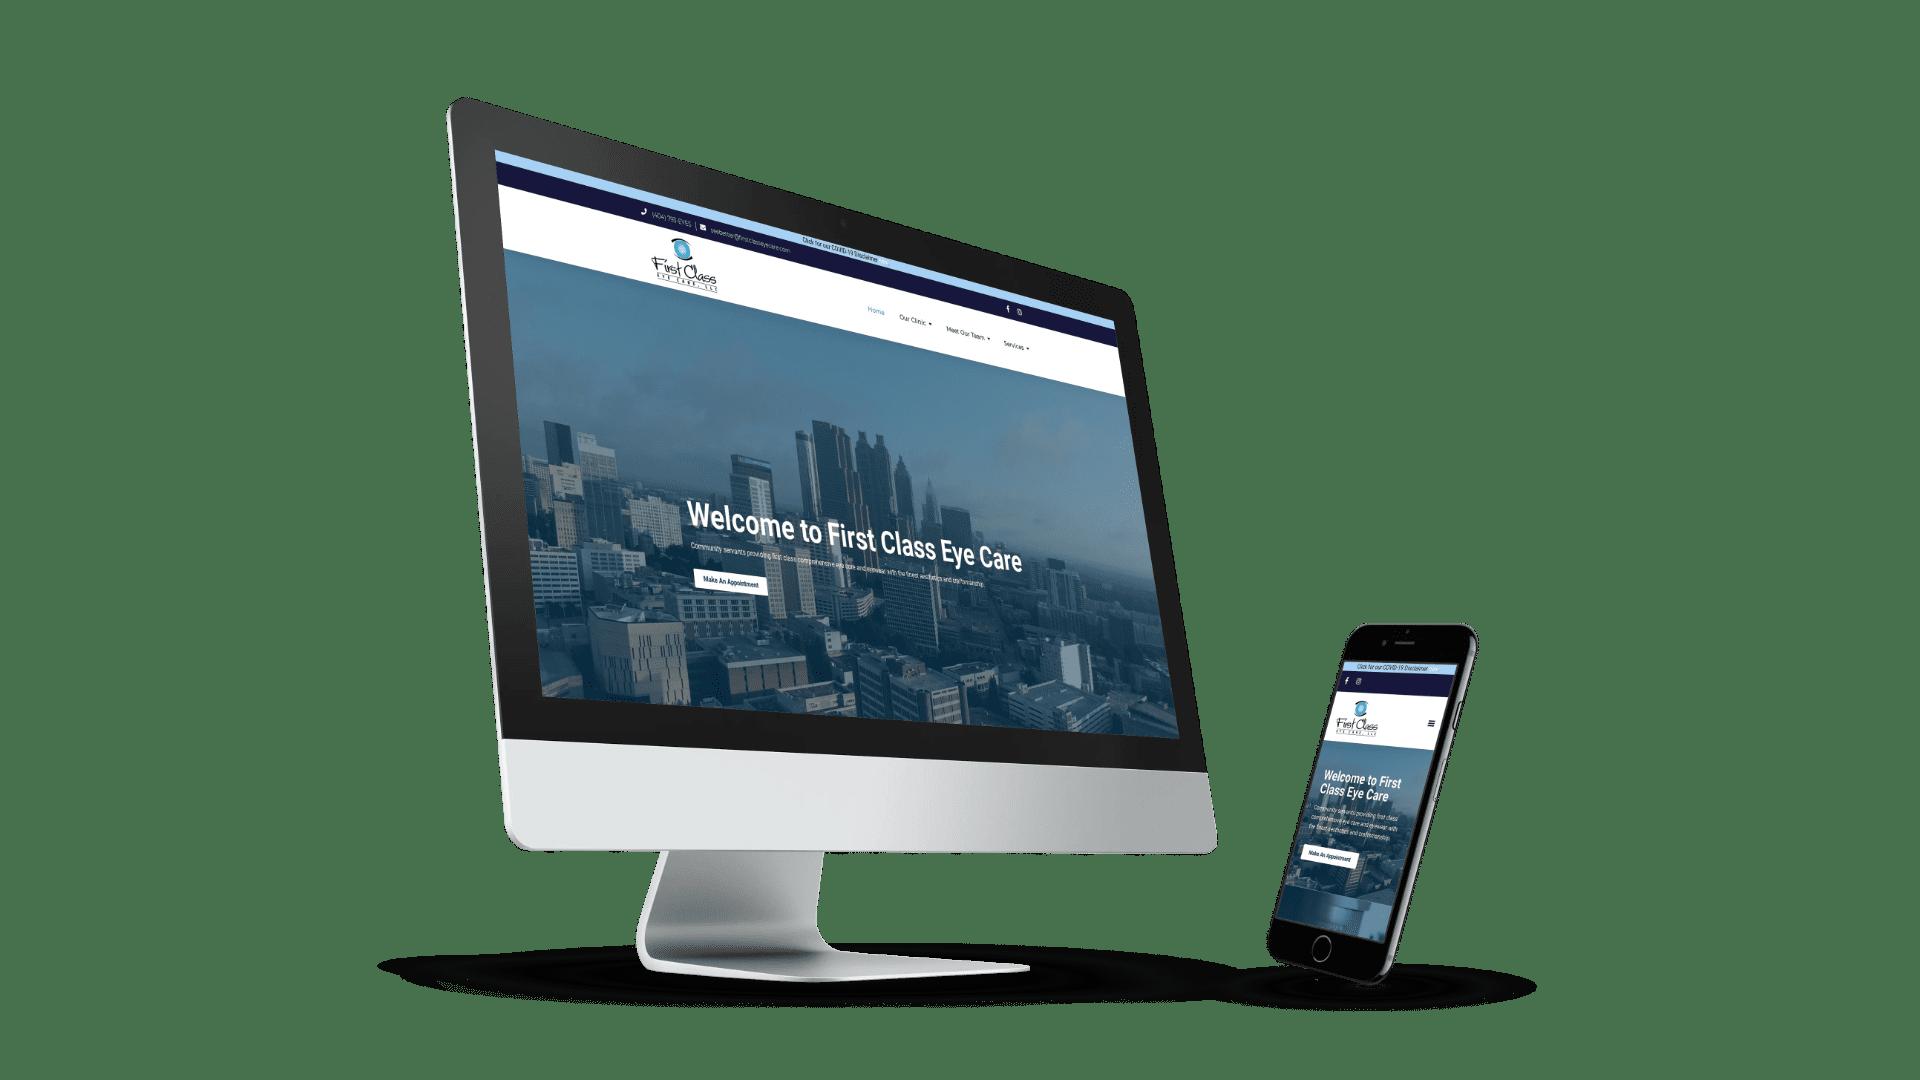 The Urban Geeks - Client - First Class Eye Care Website